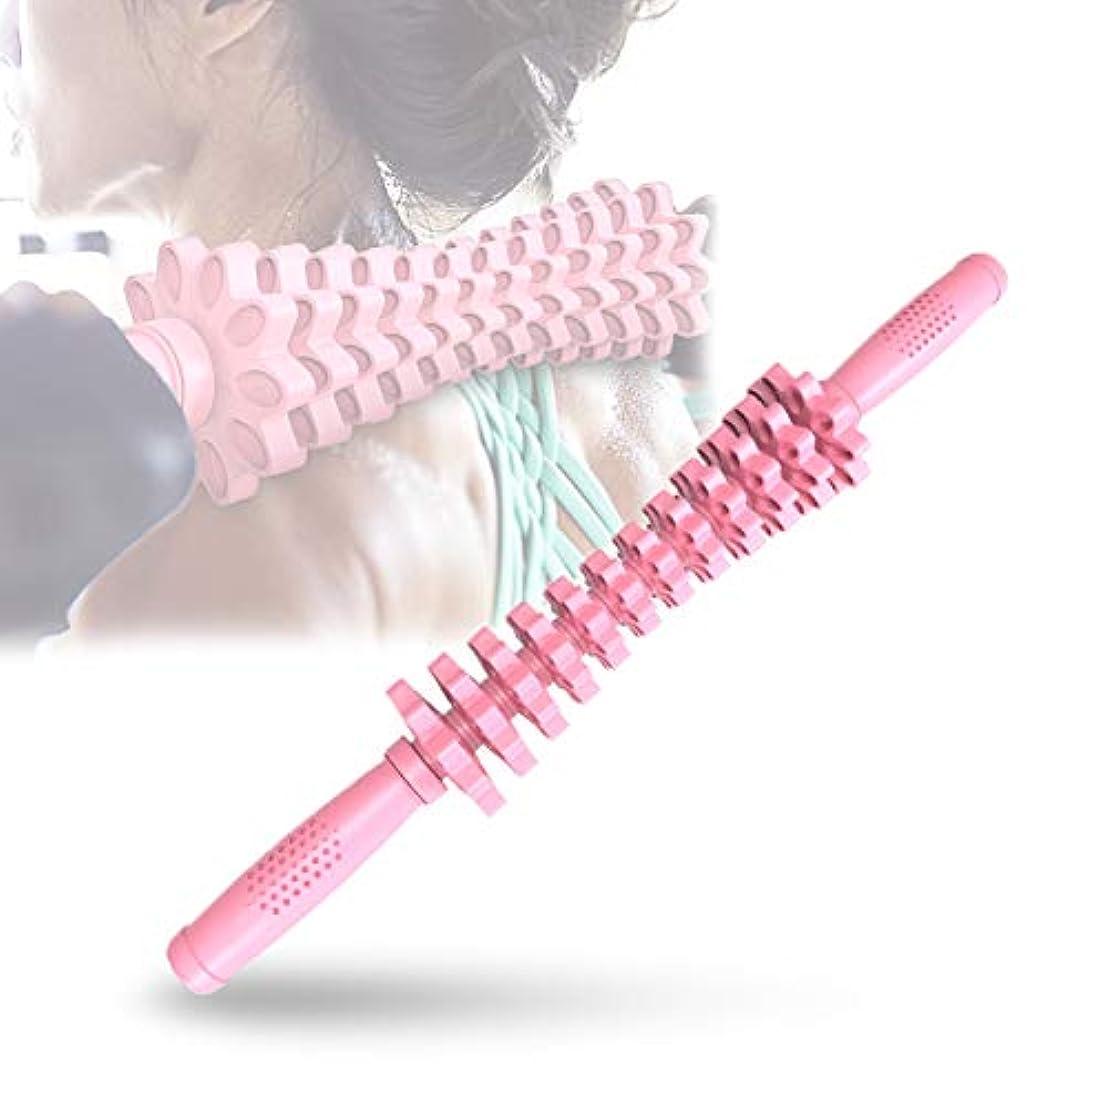 電話に出る十分ダーツフォームローラー 筋肉マッサージおよび筋筋膜のトリガーポイント解放のためのギヤマッサージャーの取り外し可能なポリ塩化ビニールの快適な滑り止め,Pink